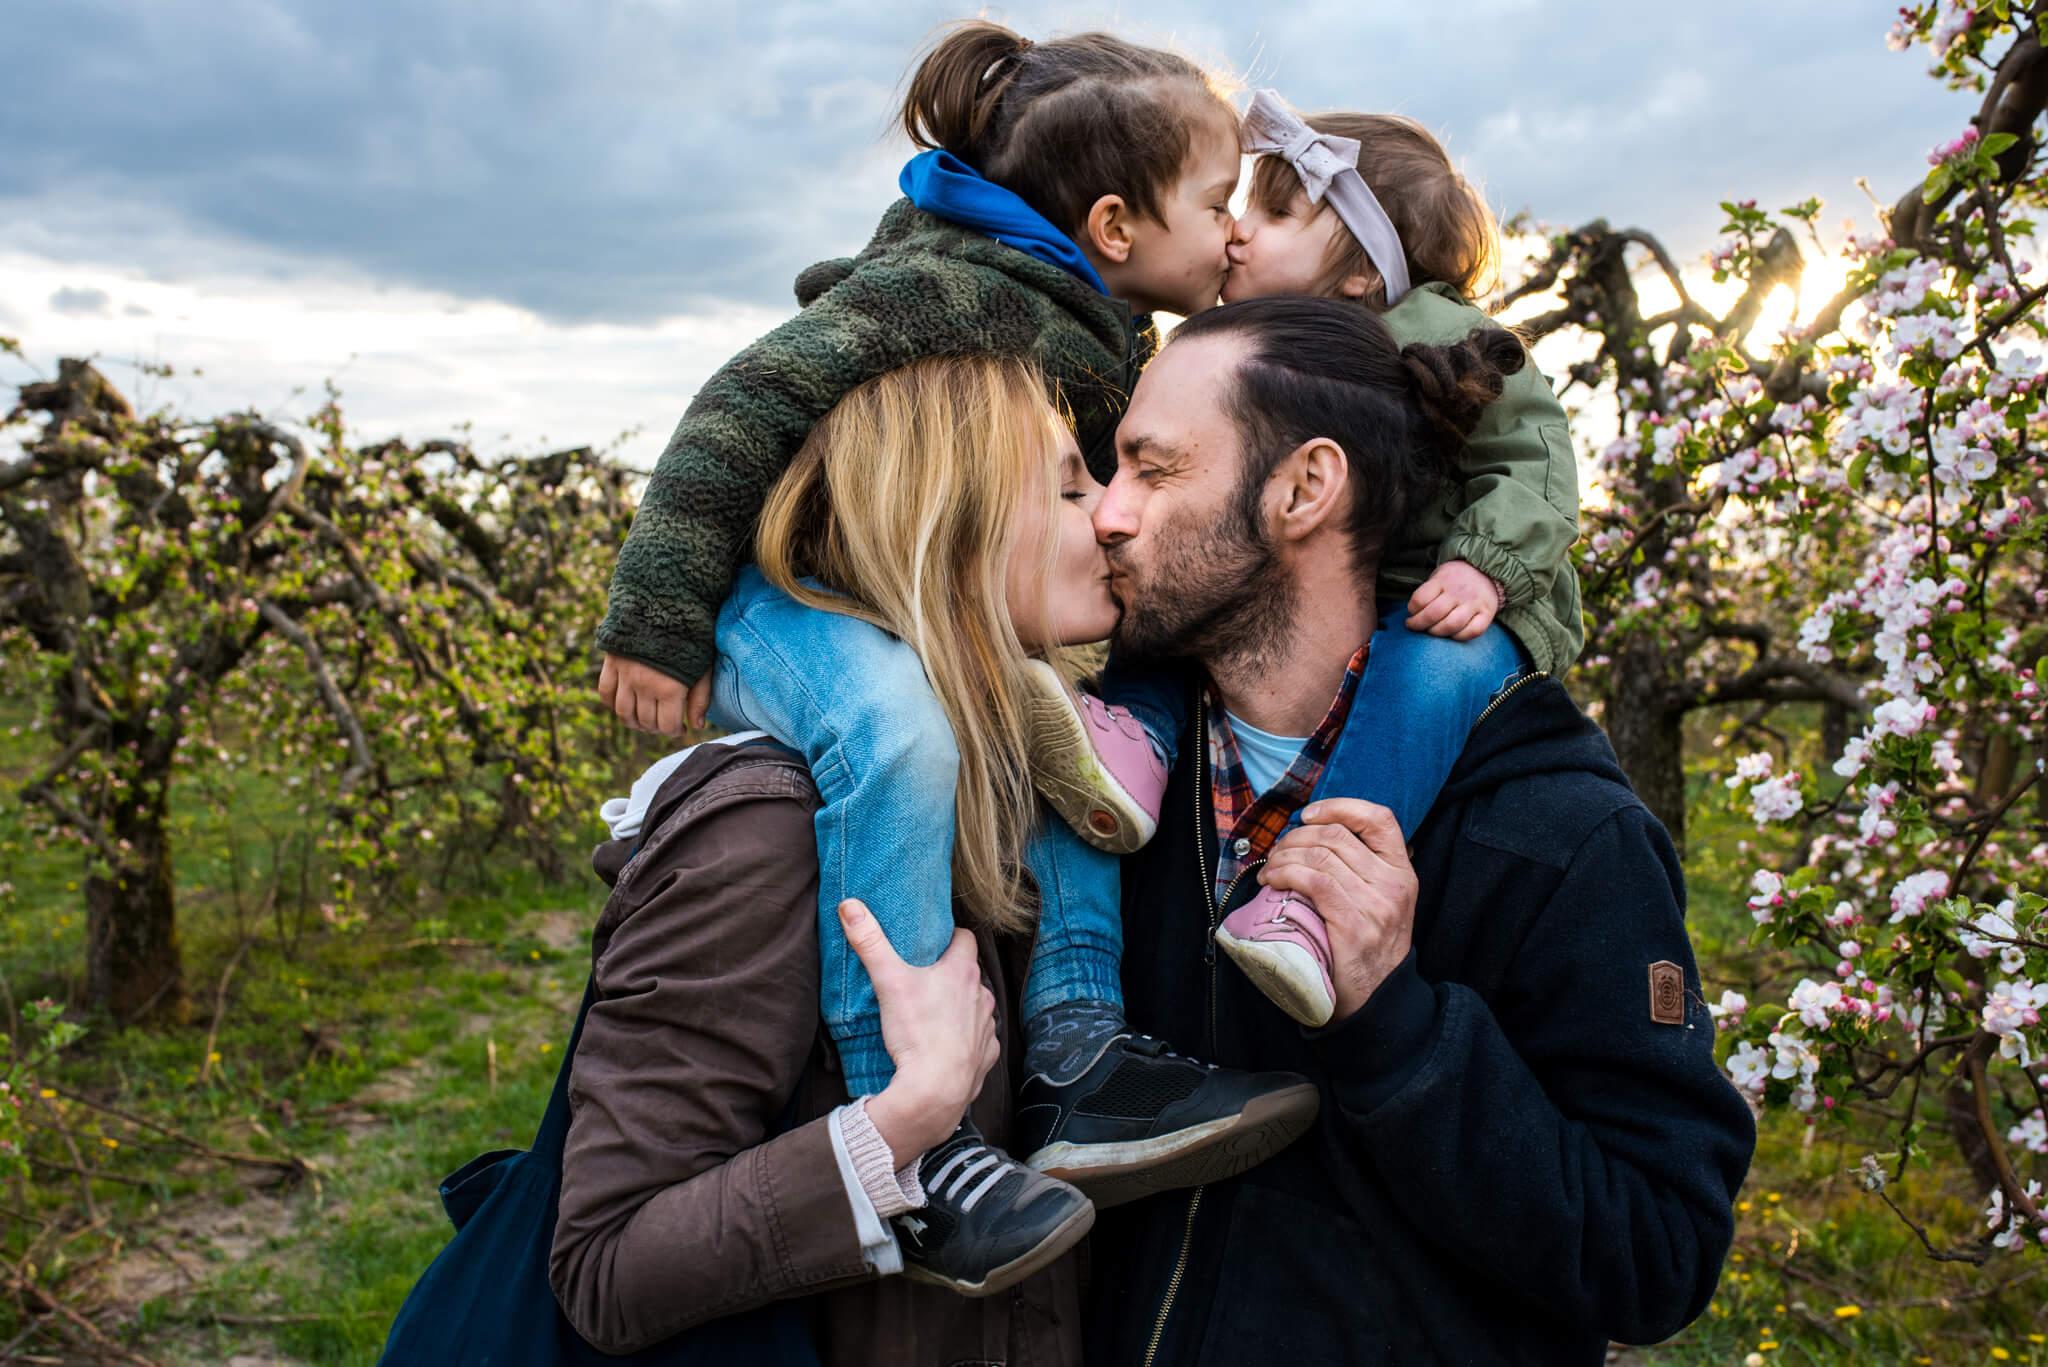 rodzice trzymający na barana swoje dzieci podczas sesji rodzinnej w sadzie